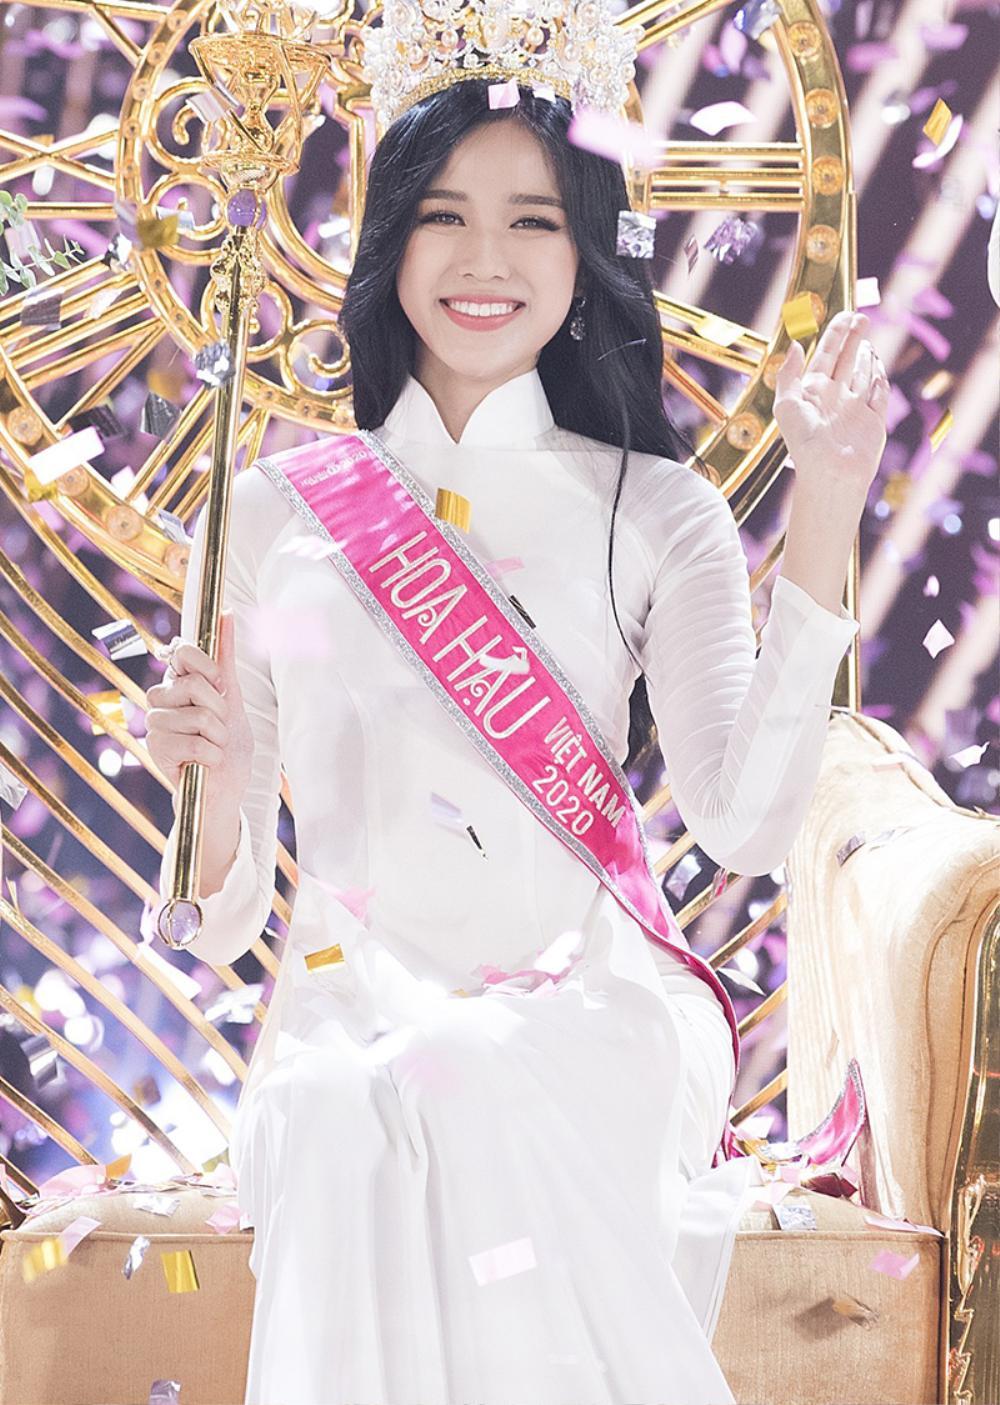 Hoa hậu Đỗ Thị Hà, Tiểu Vy, Lương Thùy Linh cùng dàn Á hậu sẽ đổ bộ lễ trao giải Ngôi Sao Xanh 2020 Ảnh 4